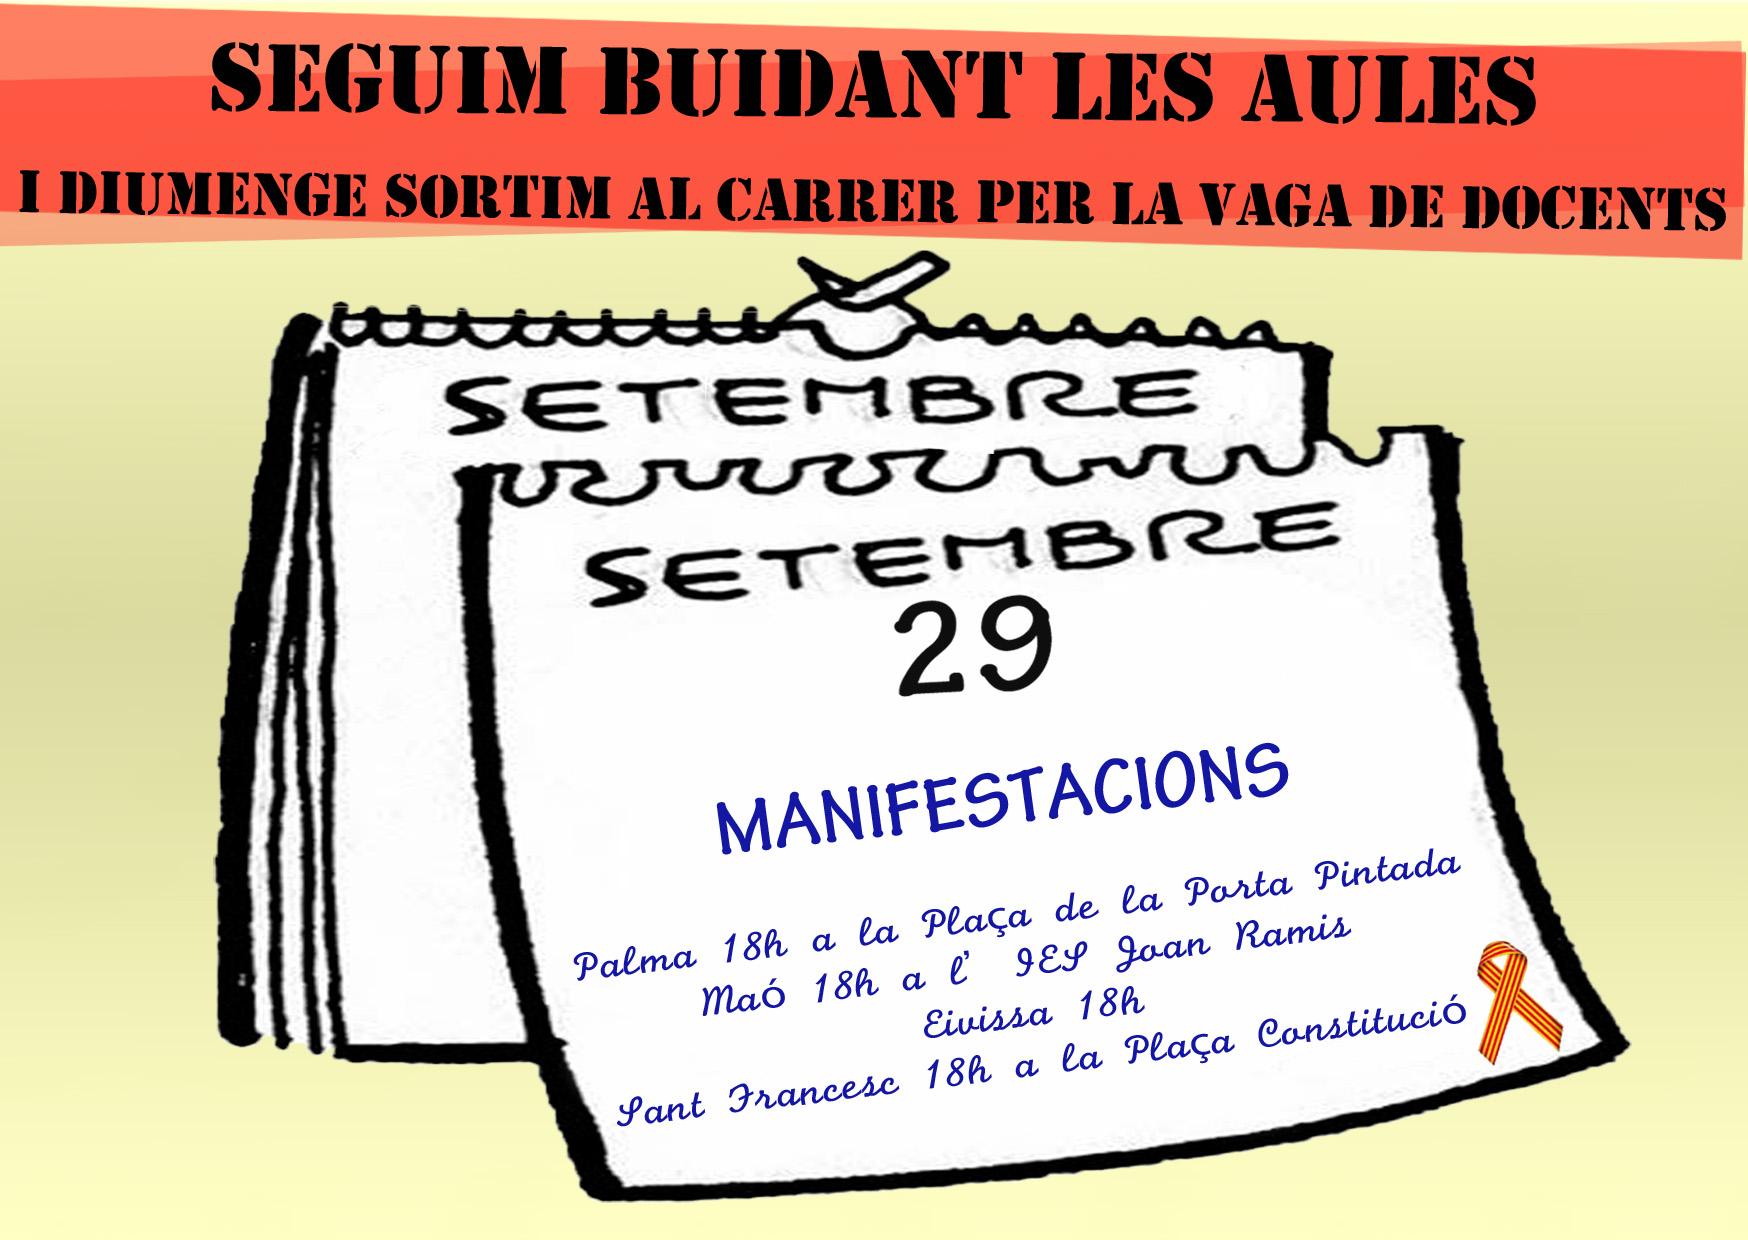 Imatge de convocatòria a les manifestacions en suport a la vaga de docents